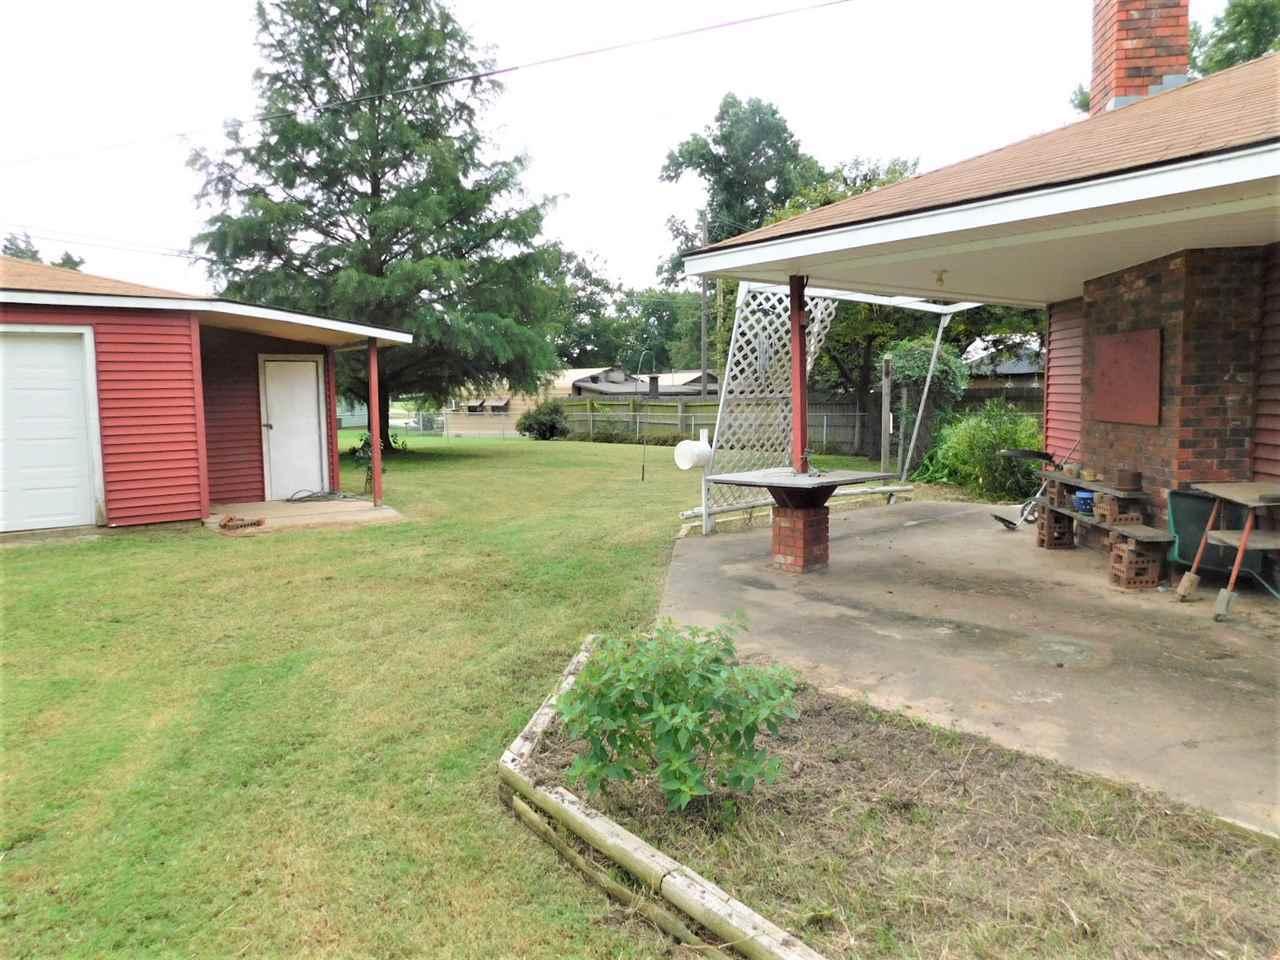 #century21groupone,#homesforsaleponcacity, ##poncacityrealestate | 533 Virginia  Ponca City, OK 74601 18